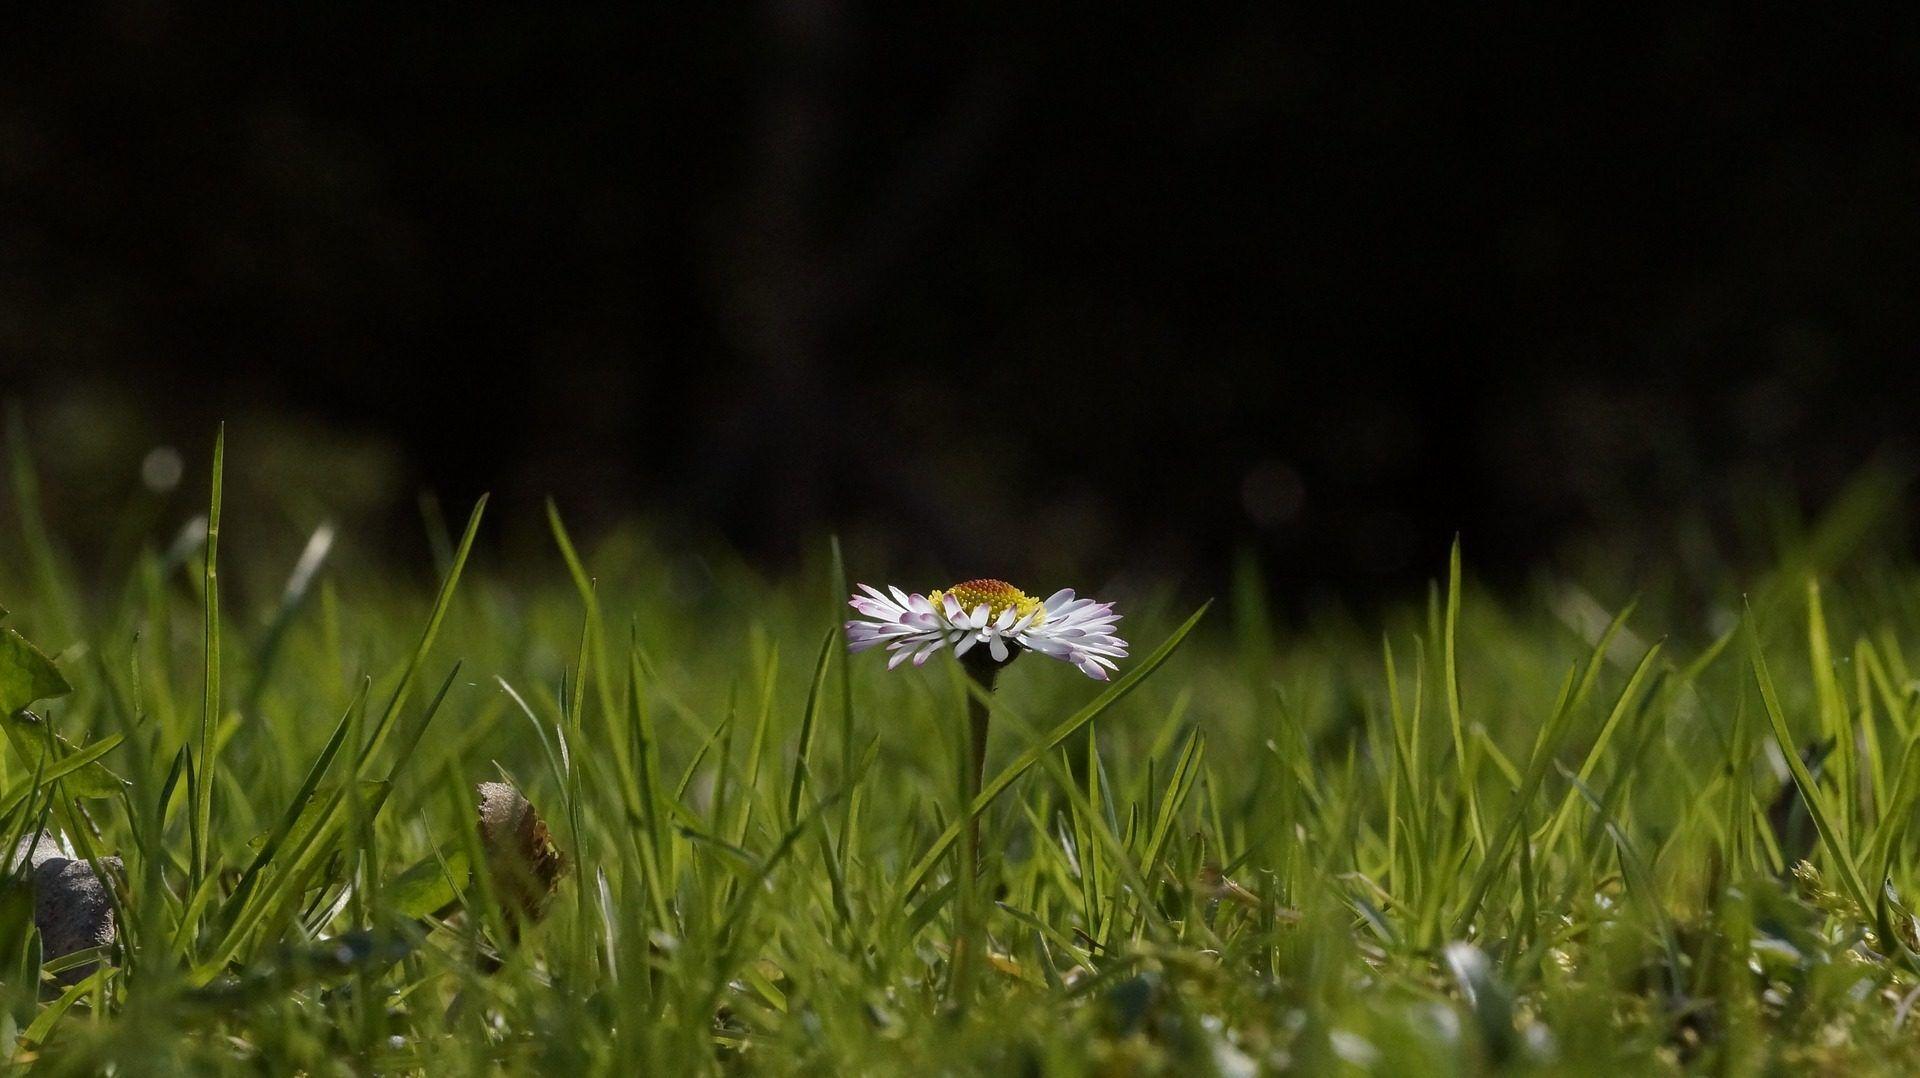 margarita, flor, campo, pétalos, hierba, solitaria, 1702081042